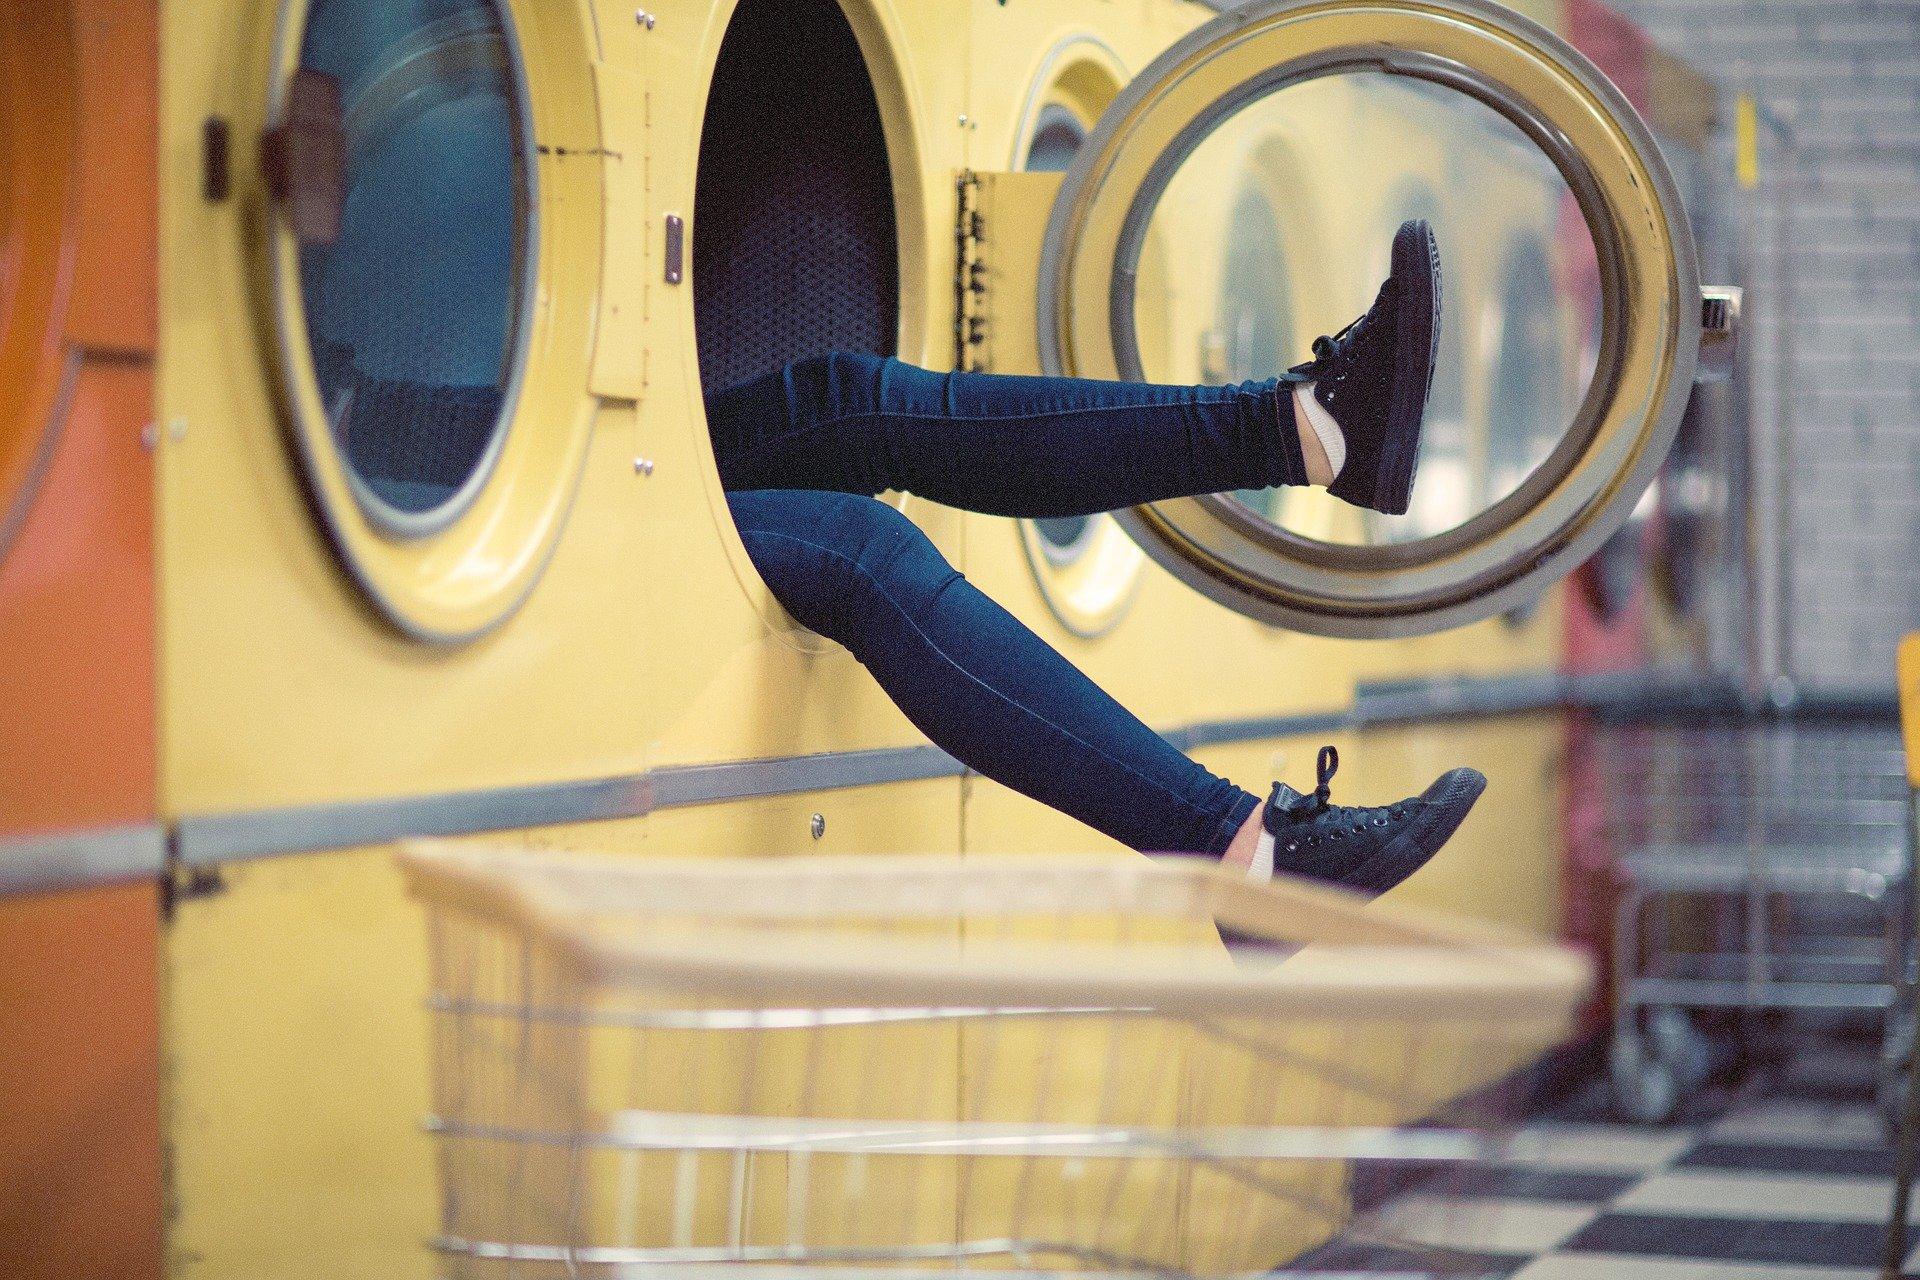 Installazione lavatrice